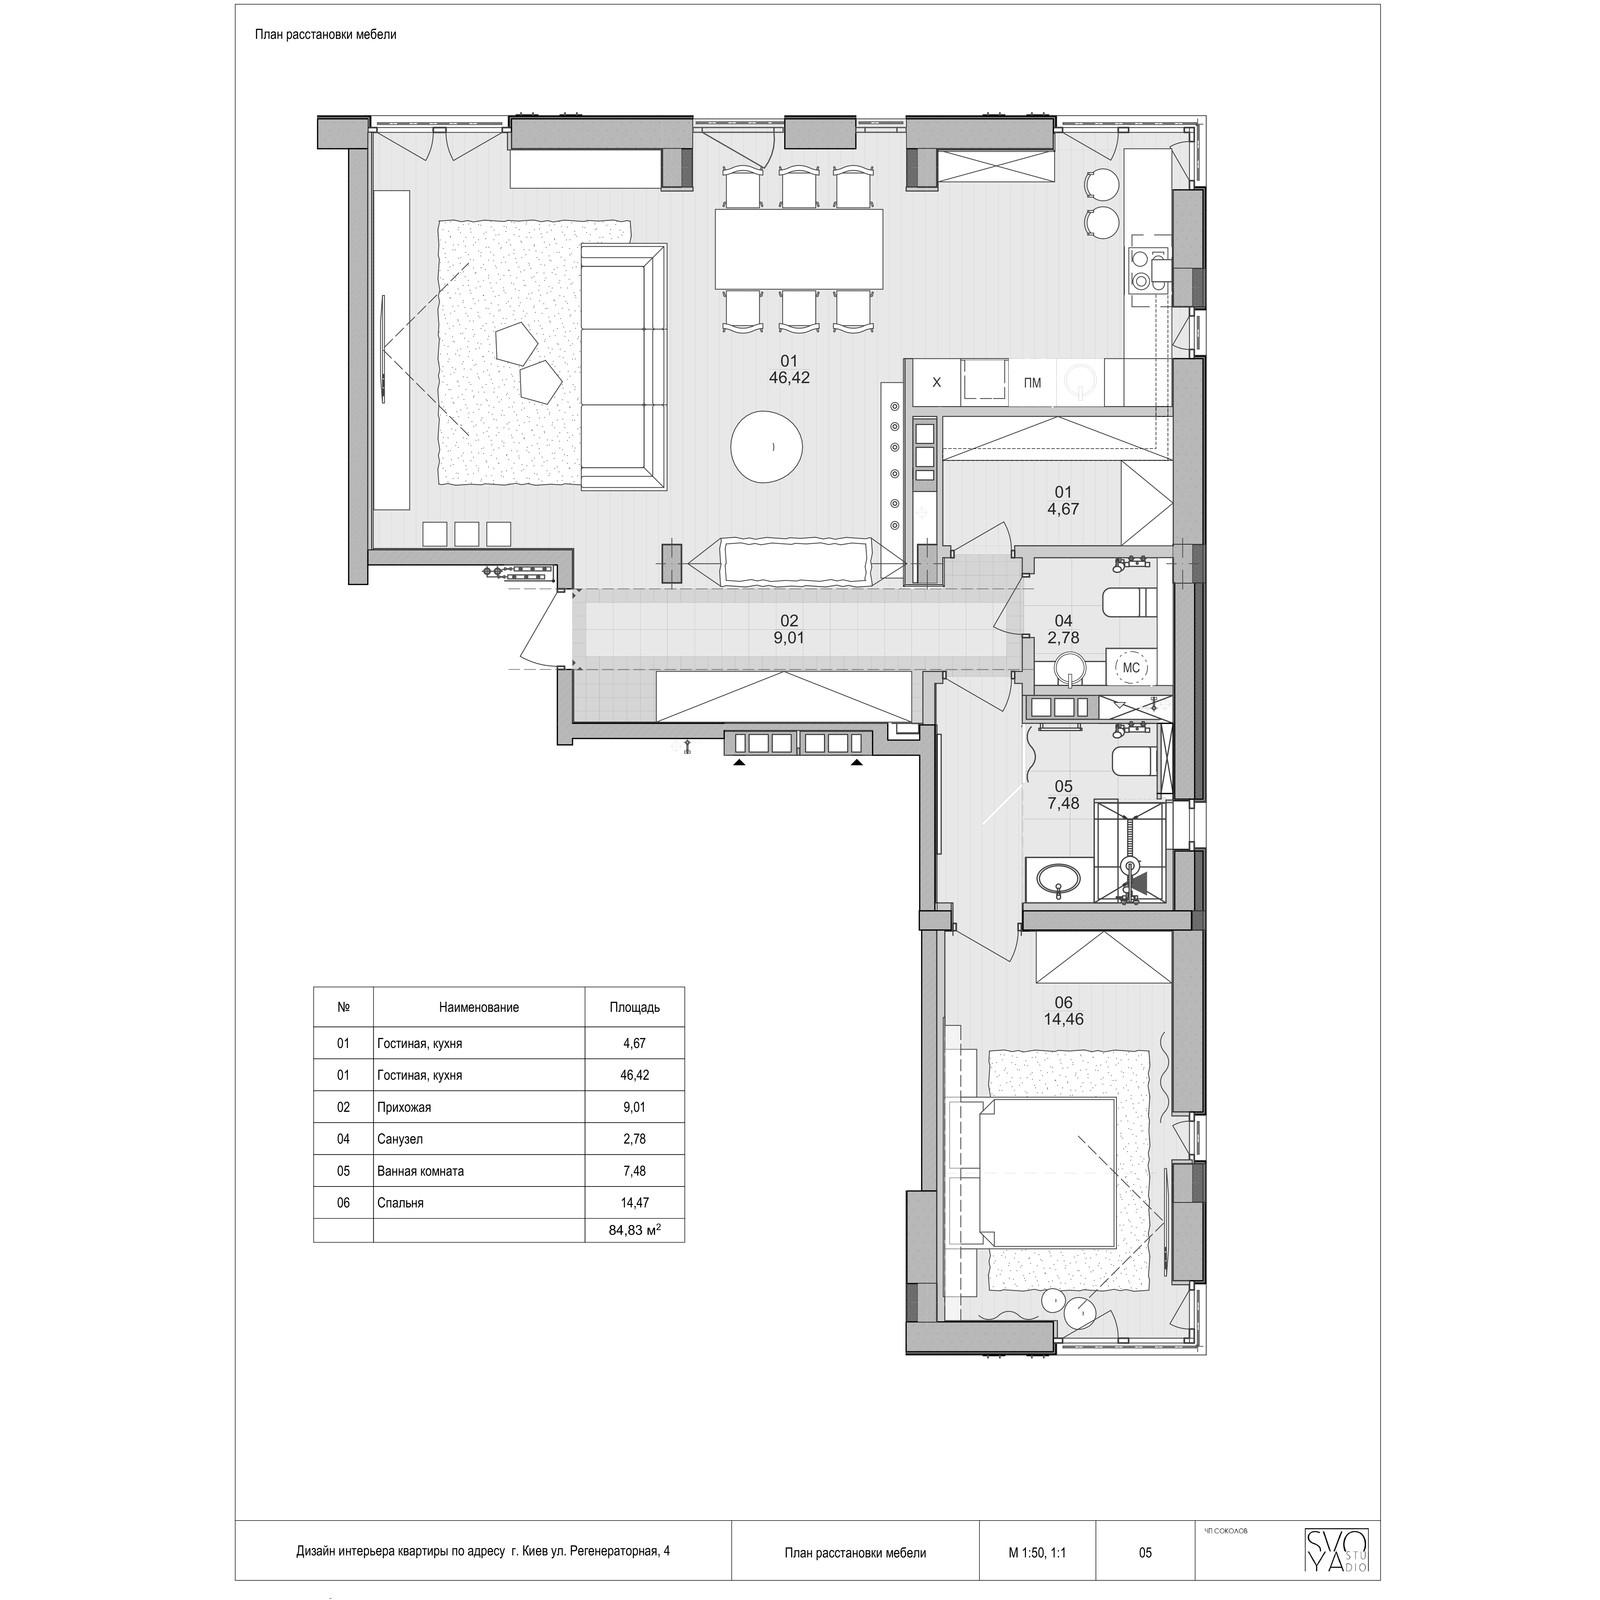 Apartment-design-just3ds.com-26